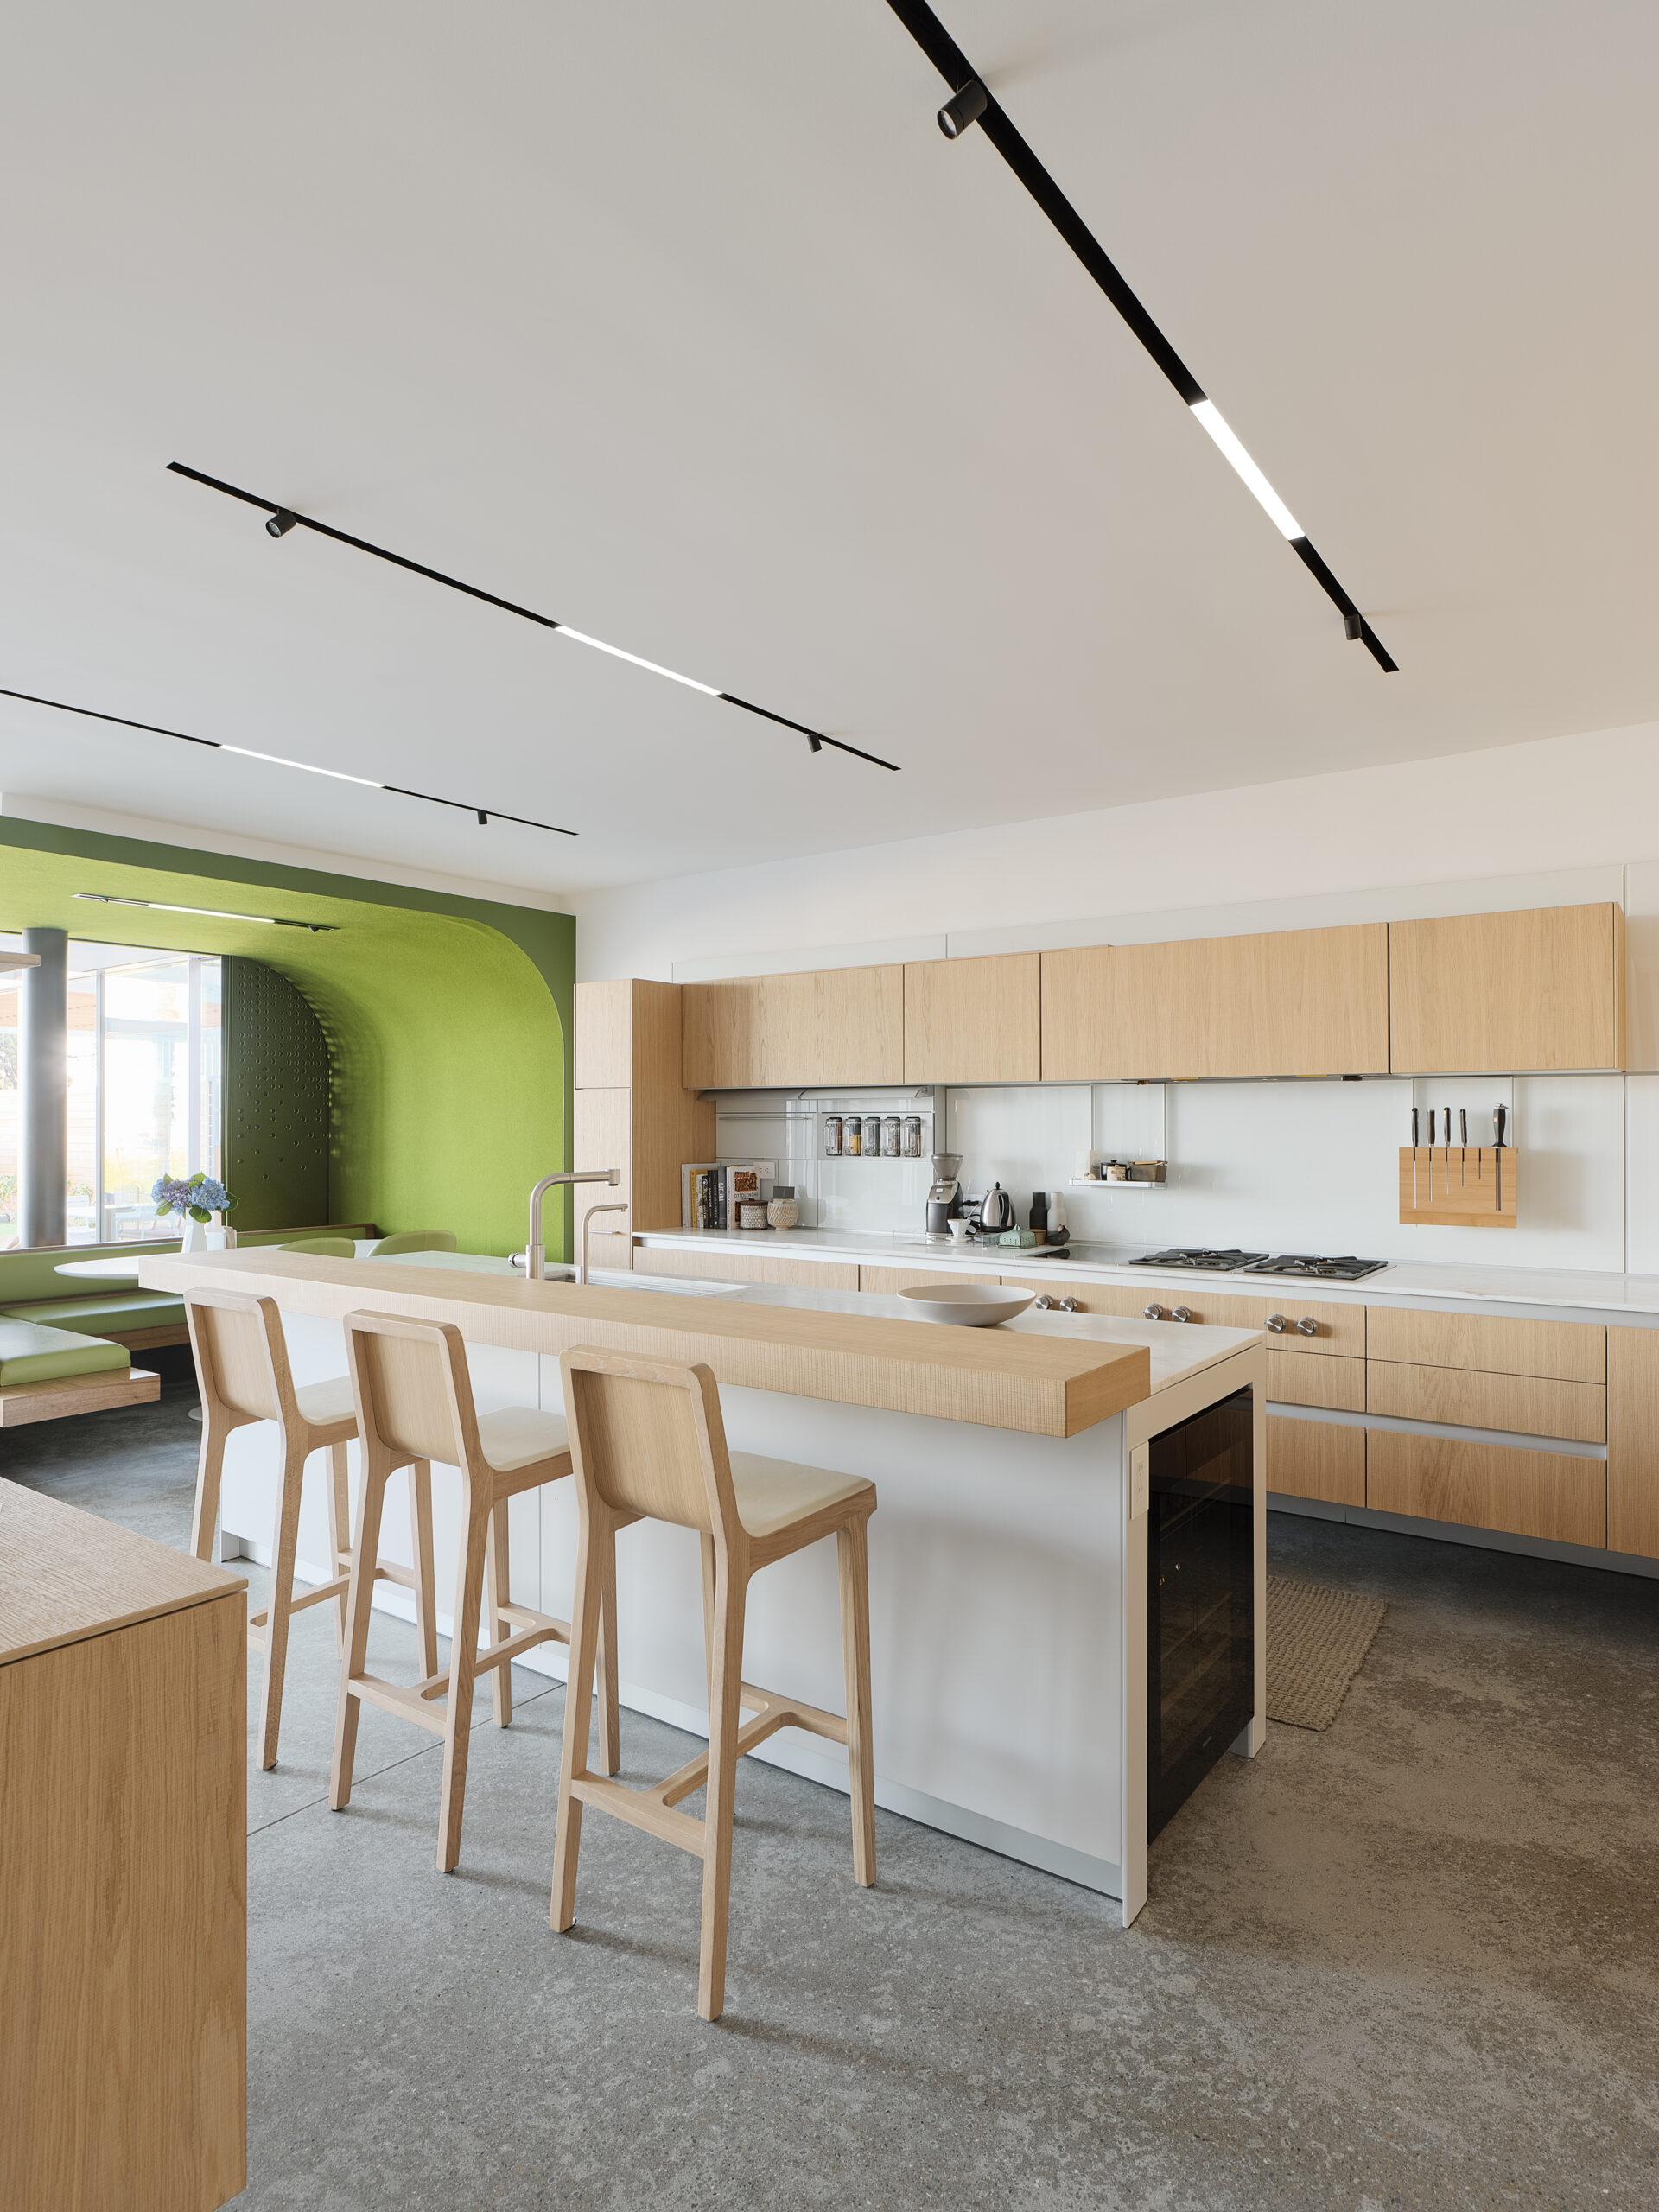 Fougeron Architecture modern kitchen